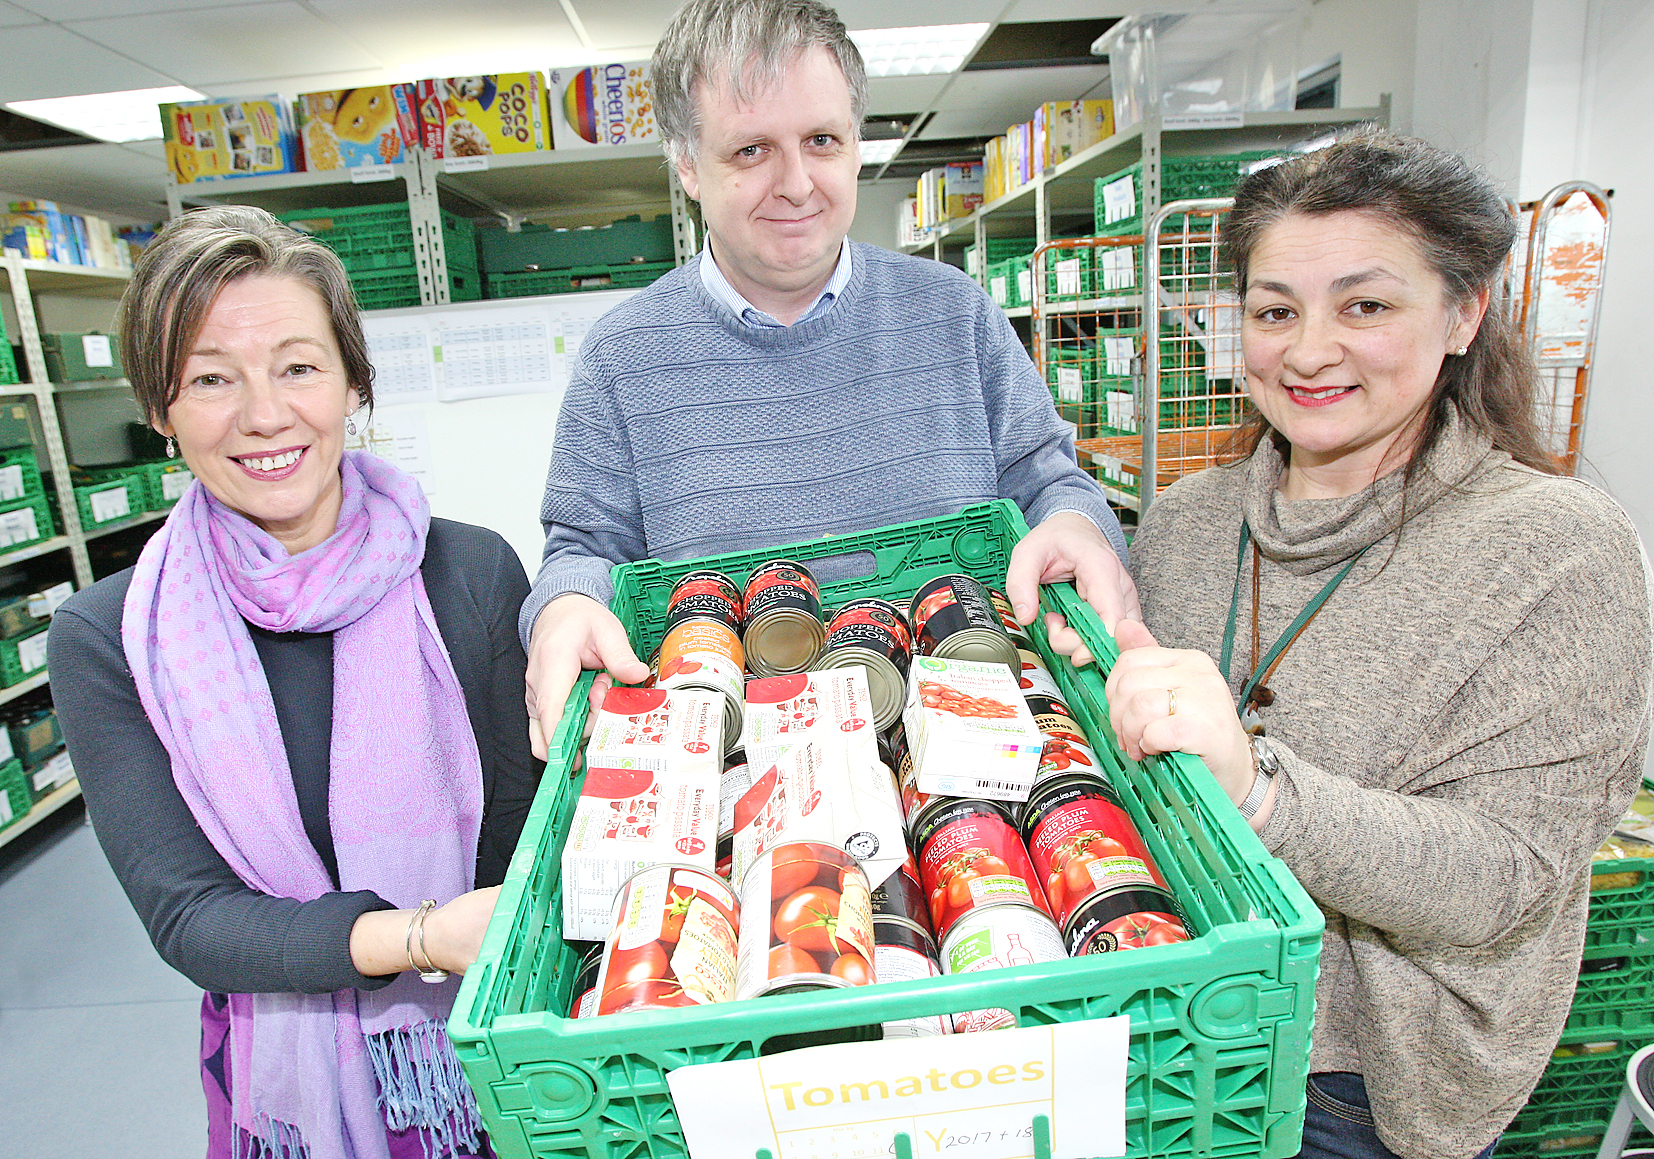 South west belfast foodbank 1052mj16